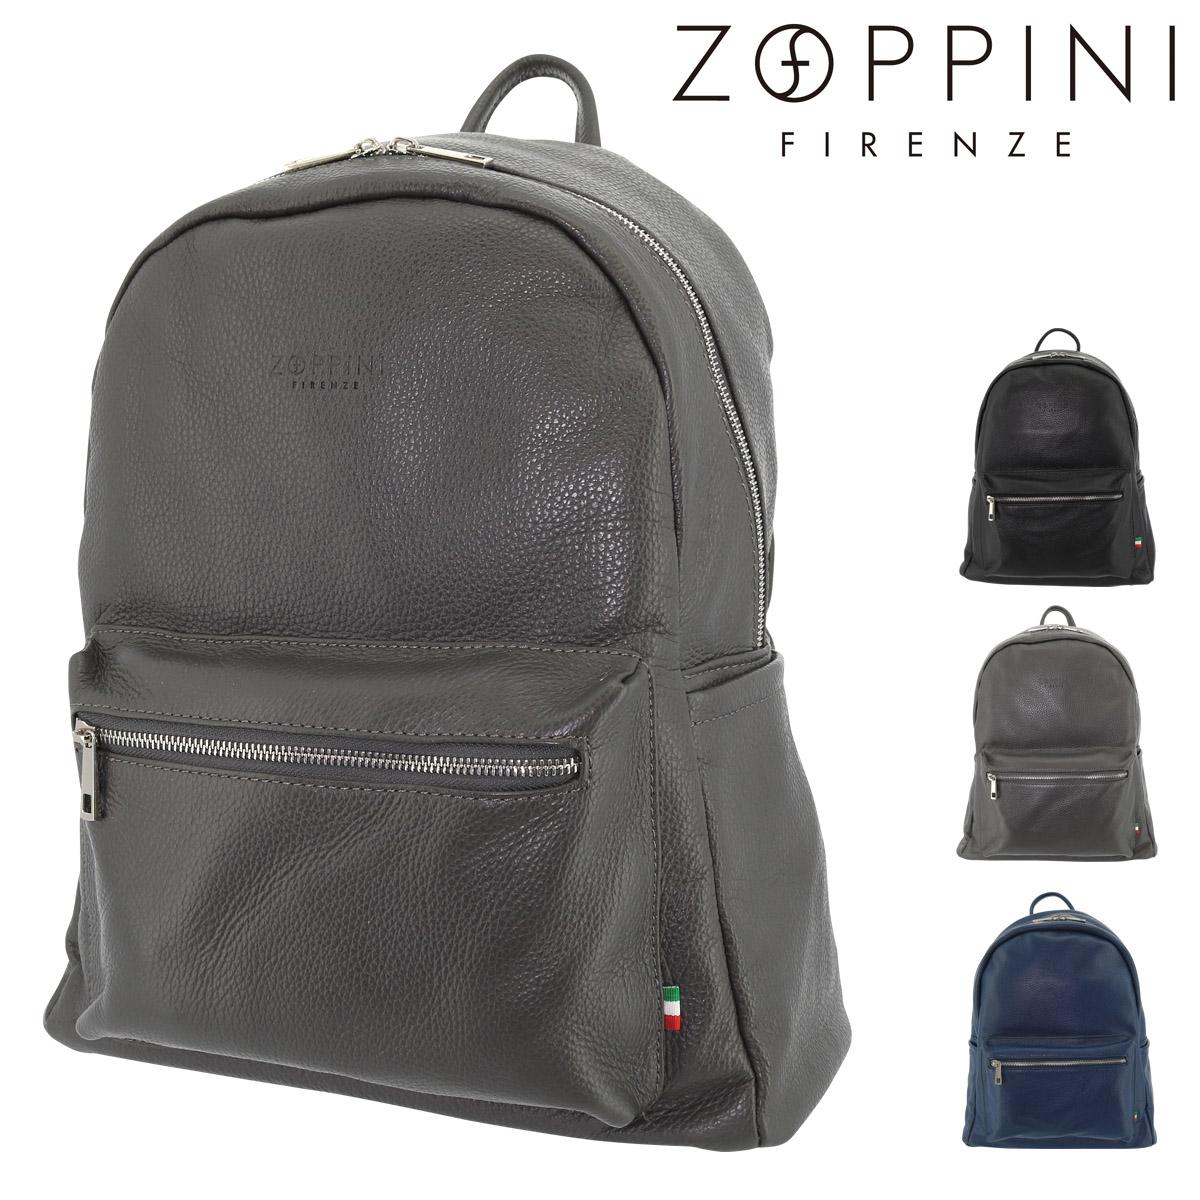 ゾッピーニ リュック メンズ50003 イタリア製 ZOPPINI   リュックサック A4 本革 レザー[bef]